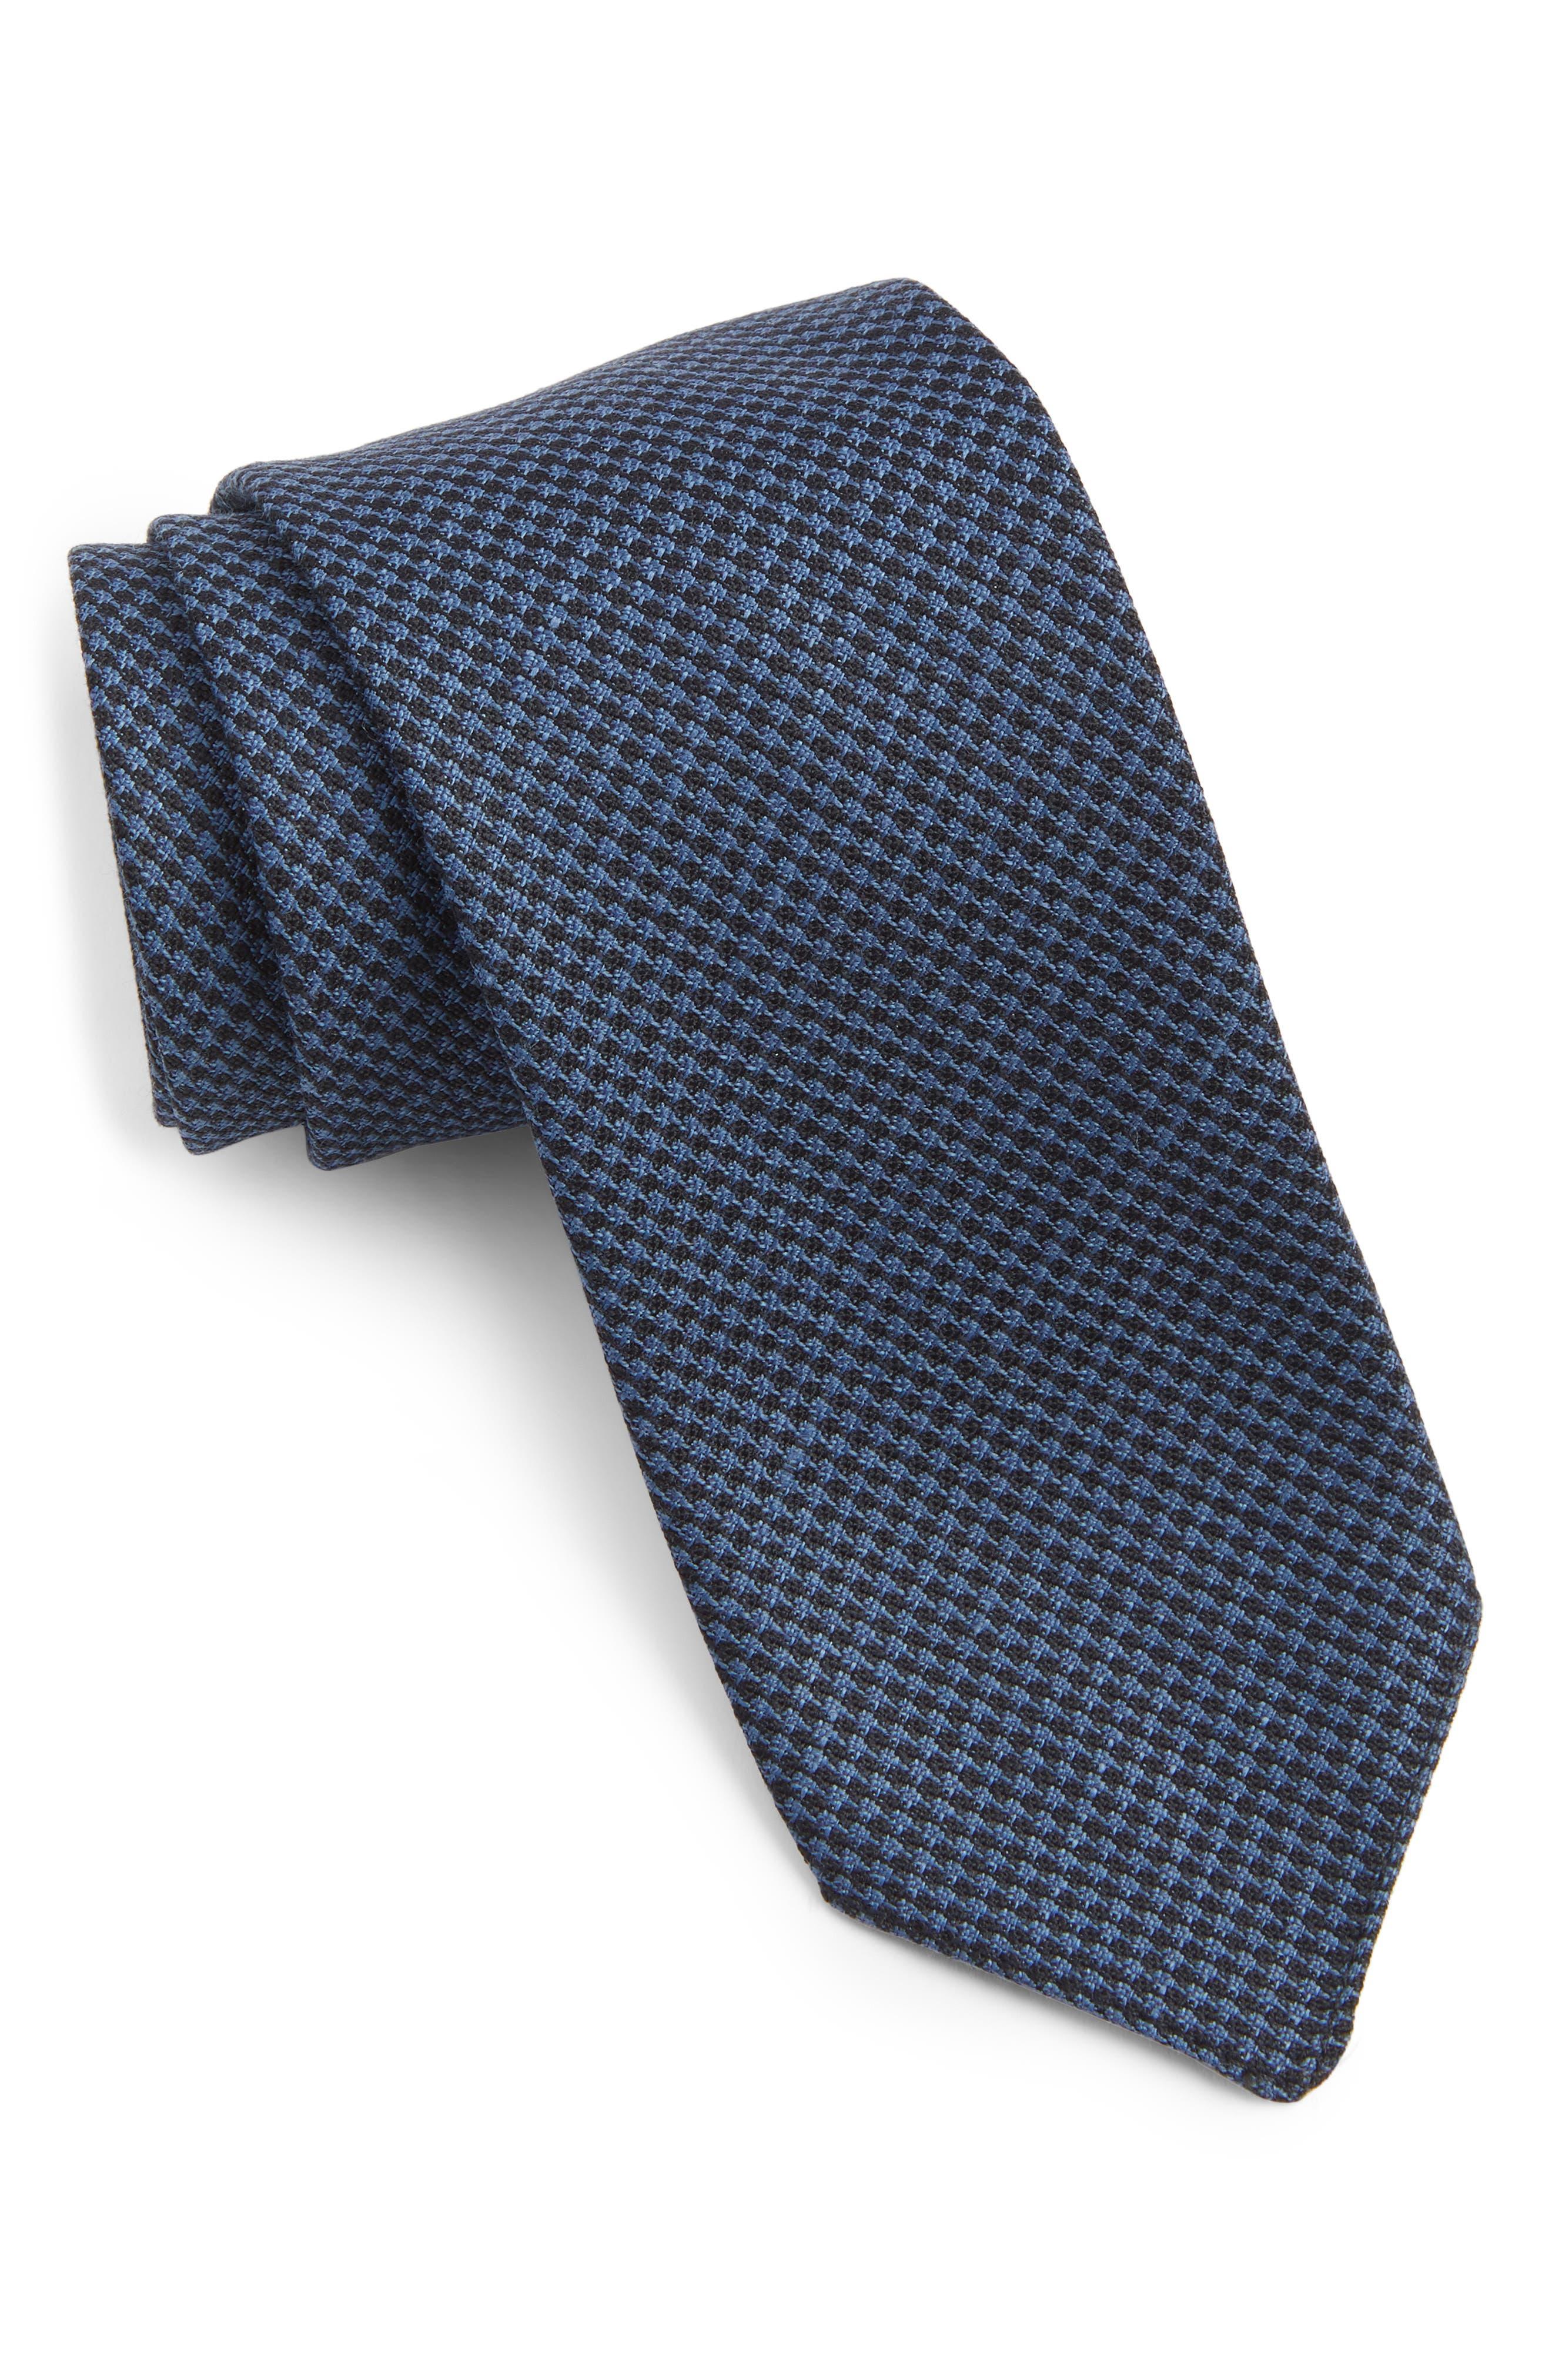 Grid Wool & Linen Tie,                         Main,                         color, LIGHT BLUE